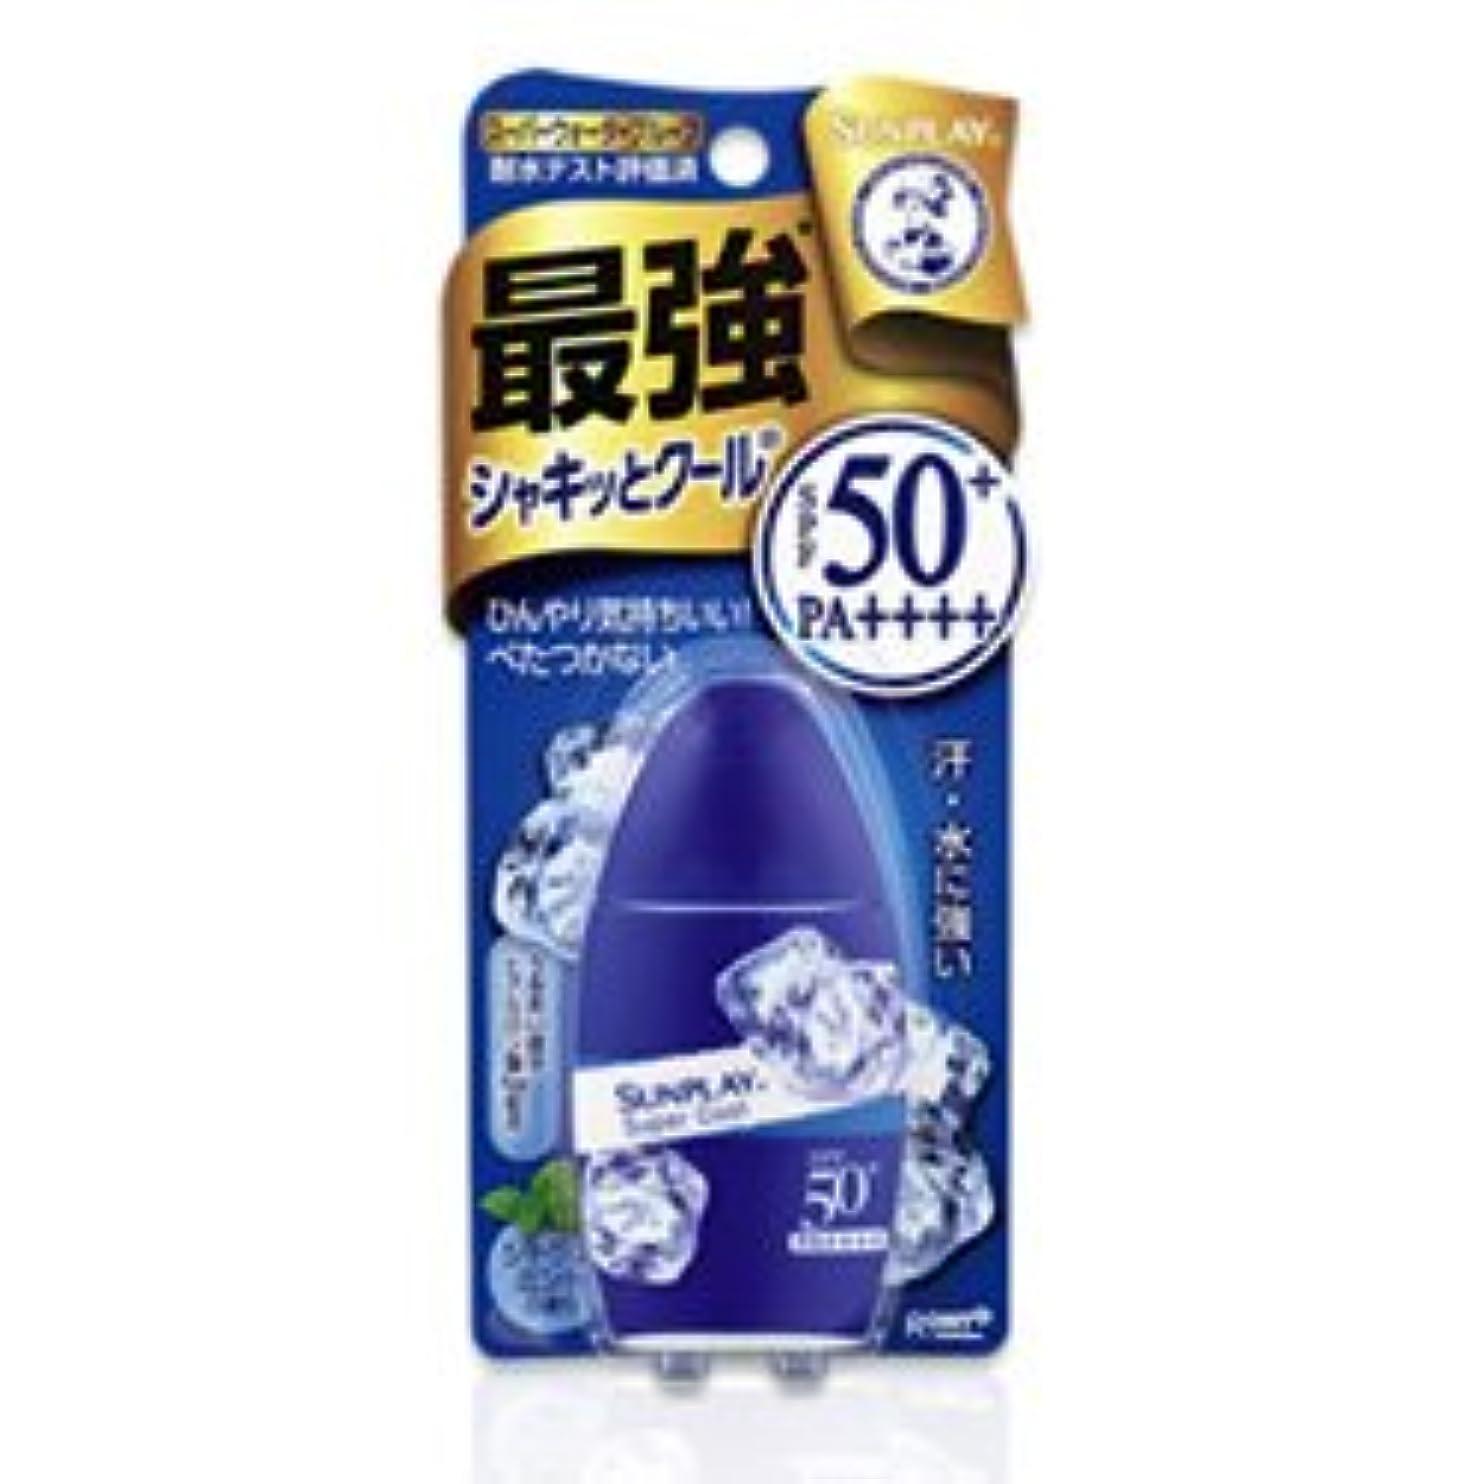 転送森わかる【ロート製薬】メンソレータム サンプレイ スーパークール 30g ×5個セット